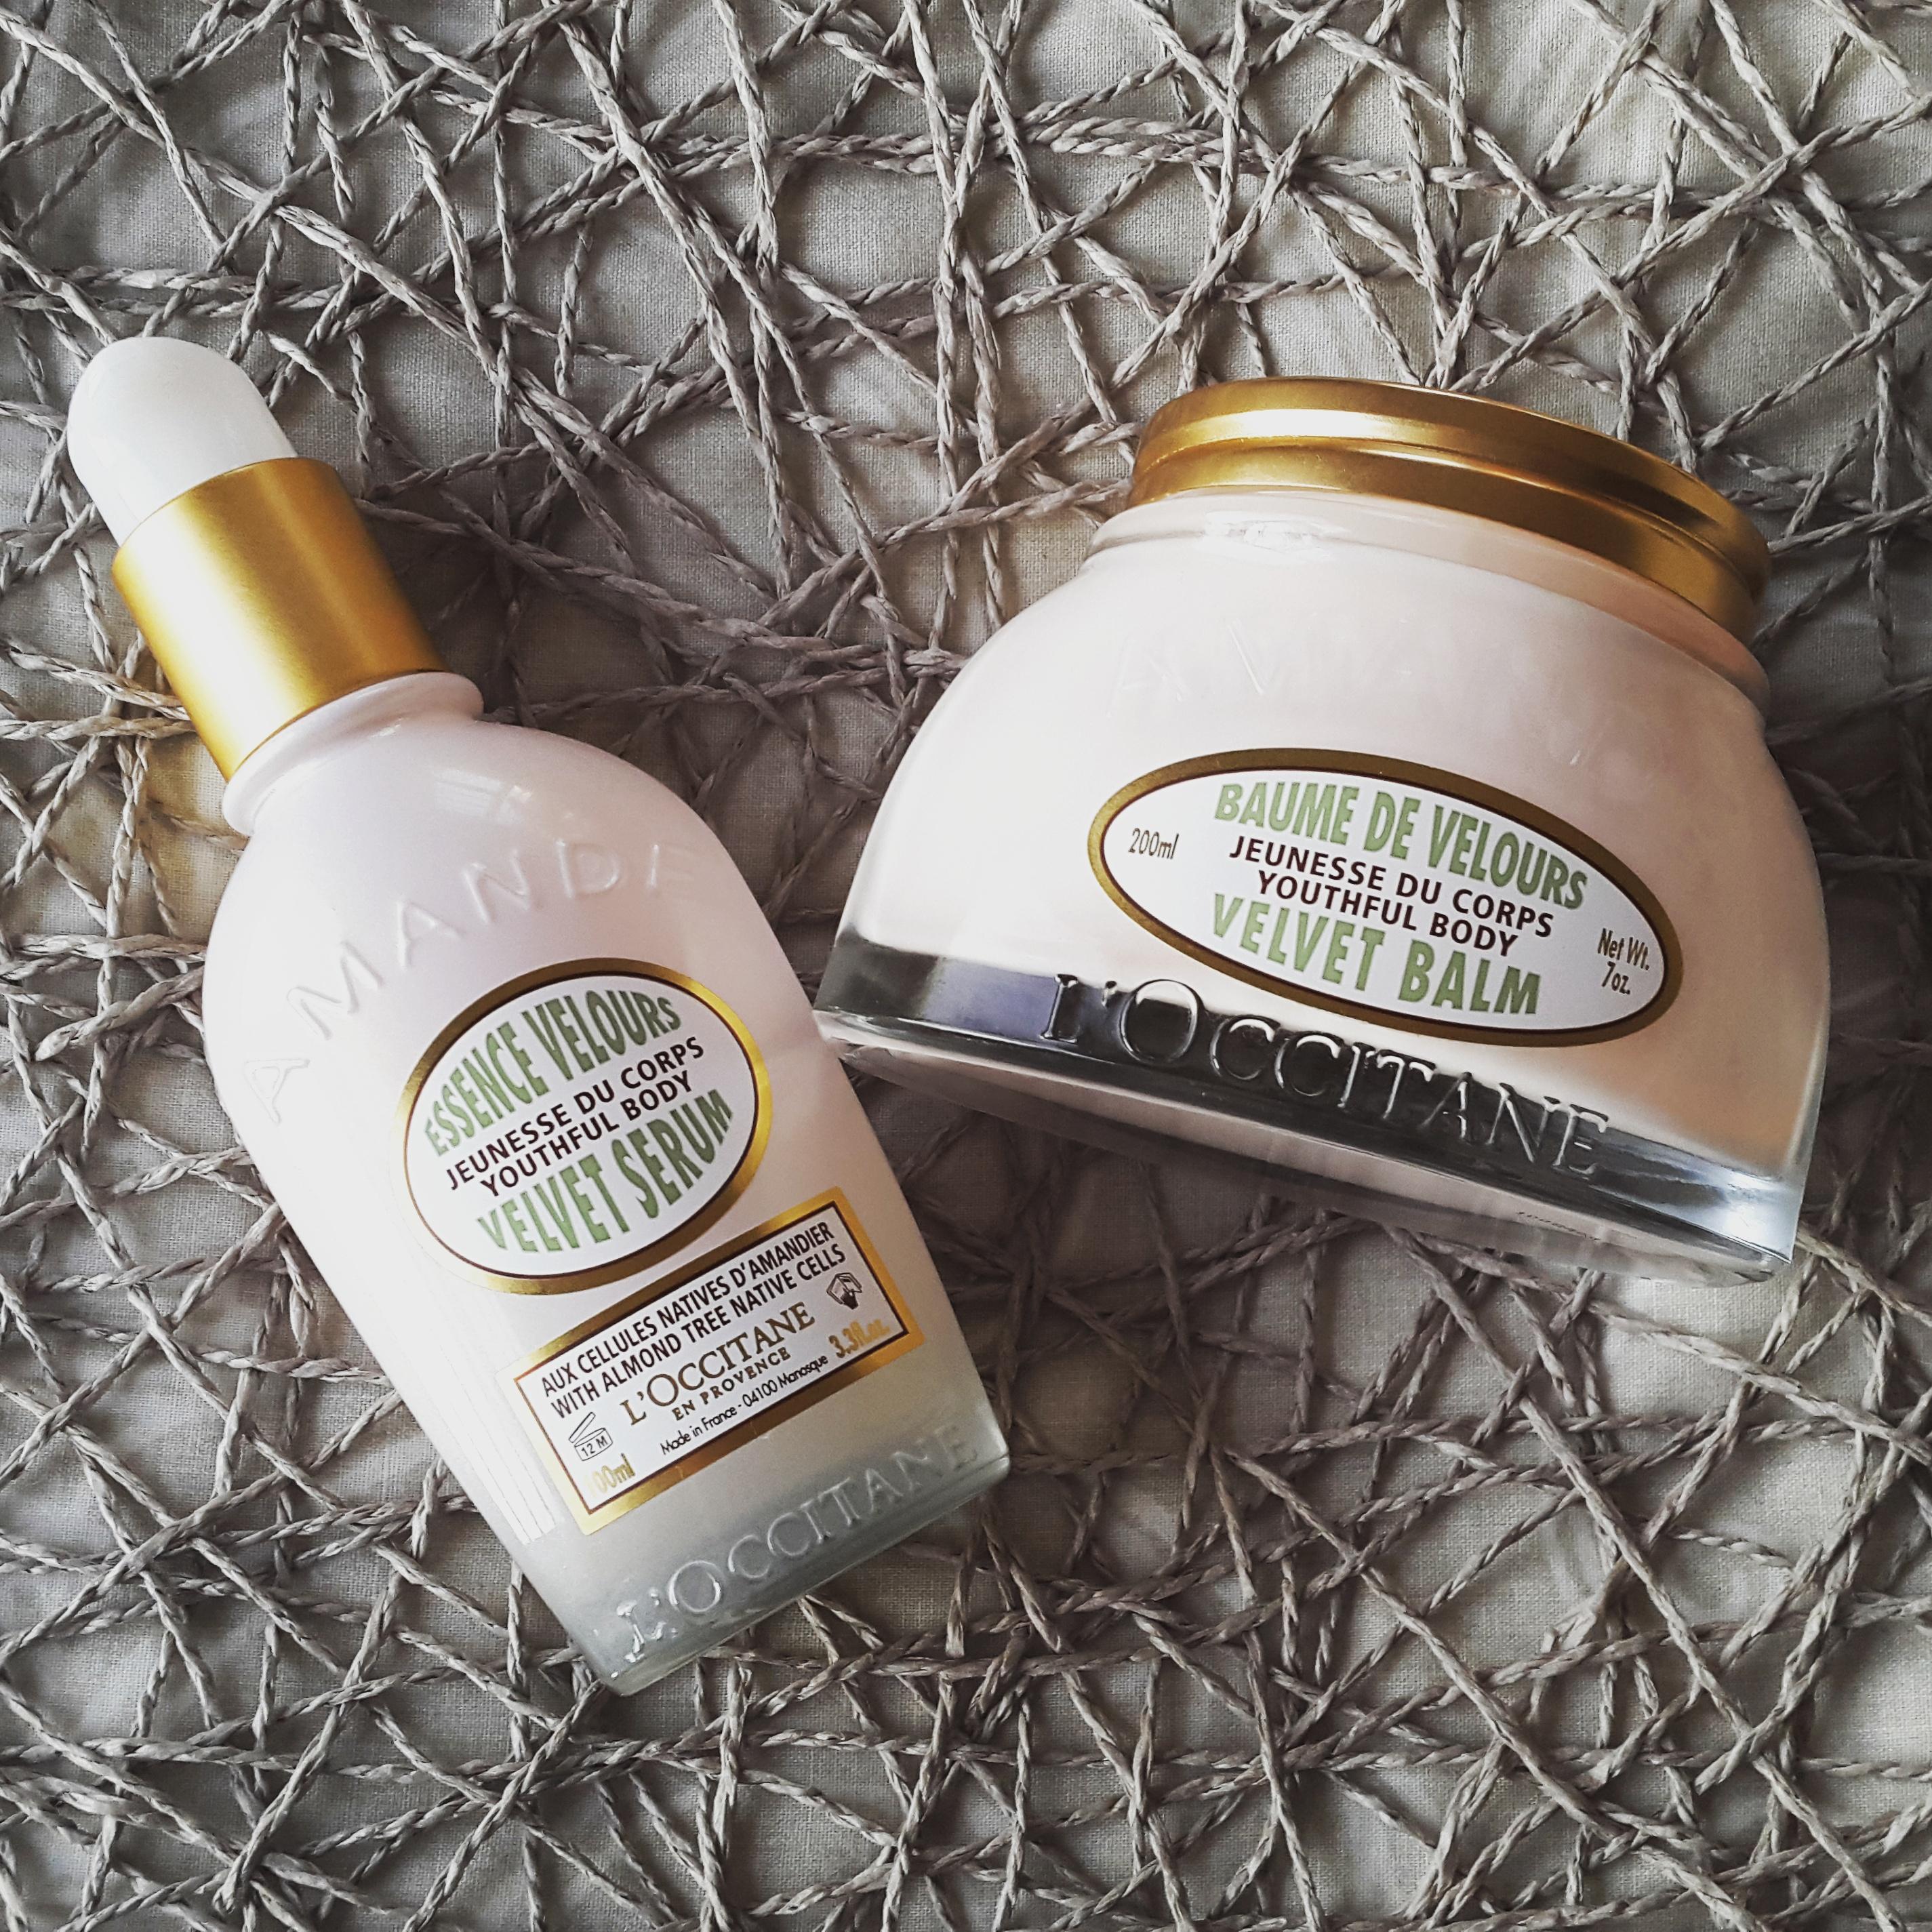 L'Occitane Youthful Body Almond Velvet Balm & Velvet Serum Reviews